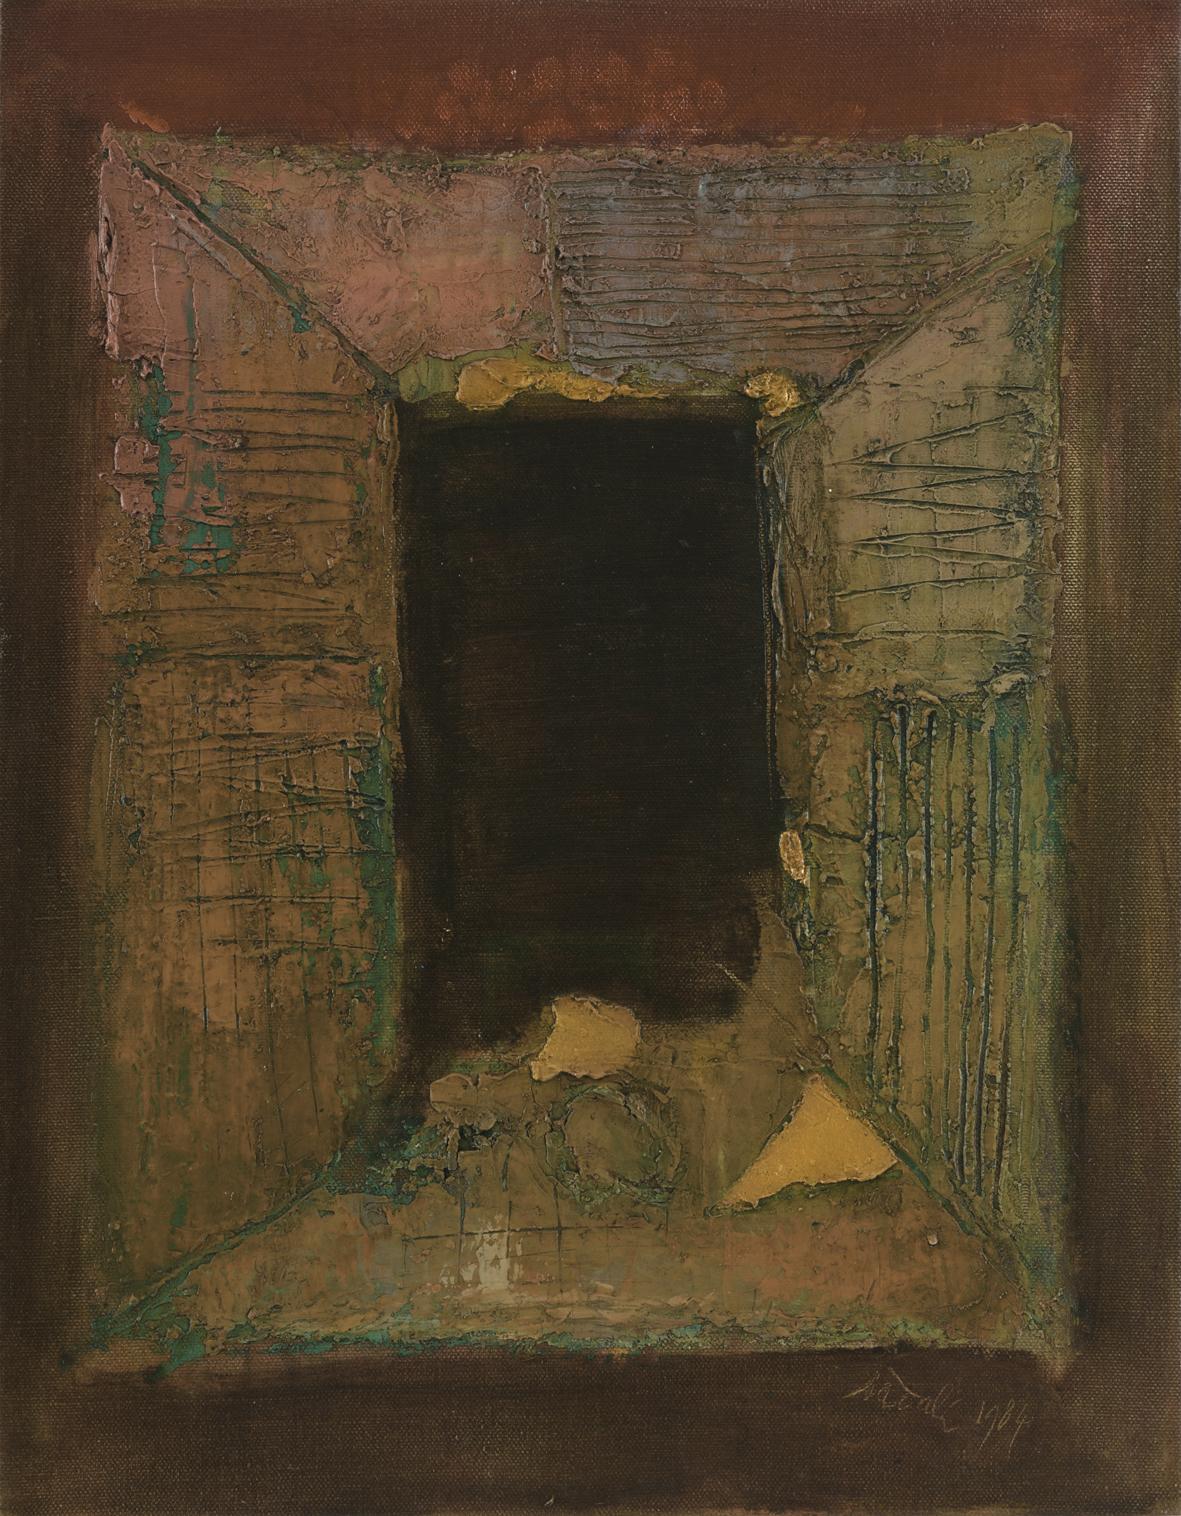 Ahmad Sadali, Untitled, 1984, 53 x 41 cm